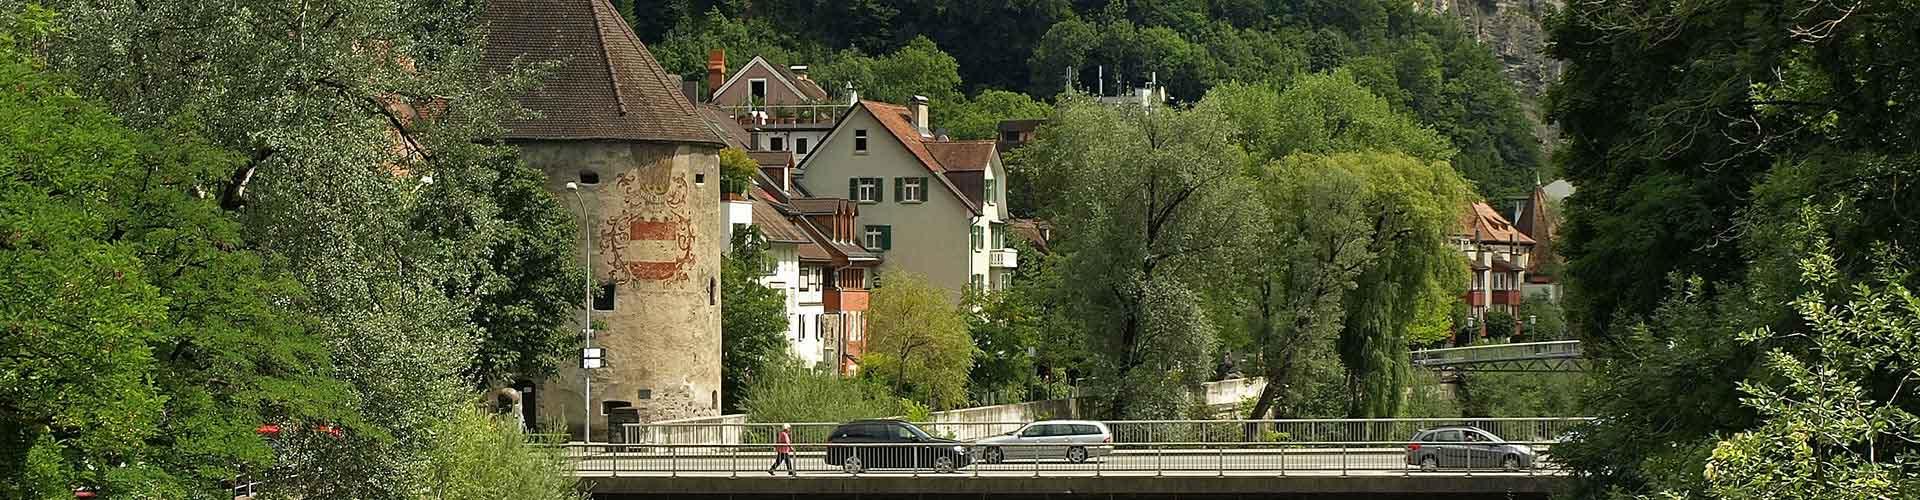 フェルトキルヒ – 部屋 フェルトキルヒ. 地図 フェルトキルヒ, すべてのホステルの写真とレビュー フェルトキルヒ.